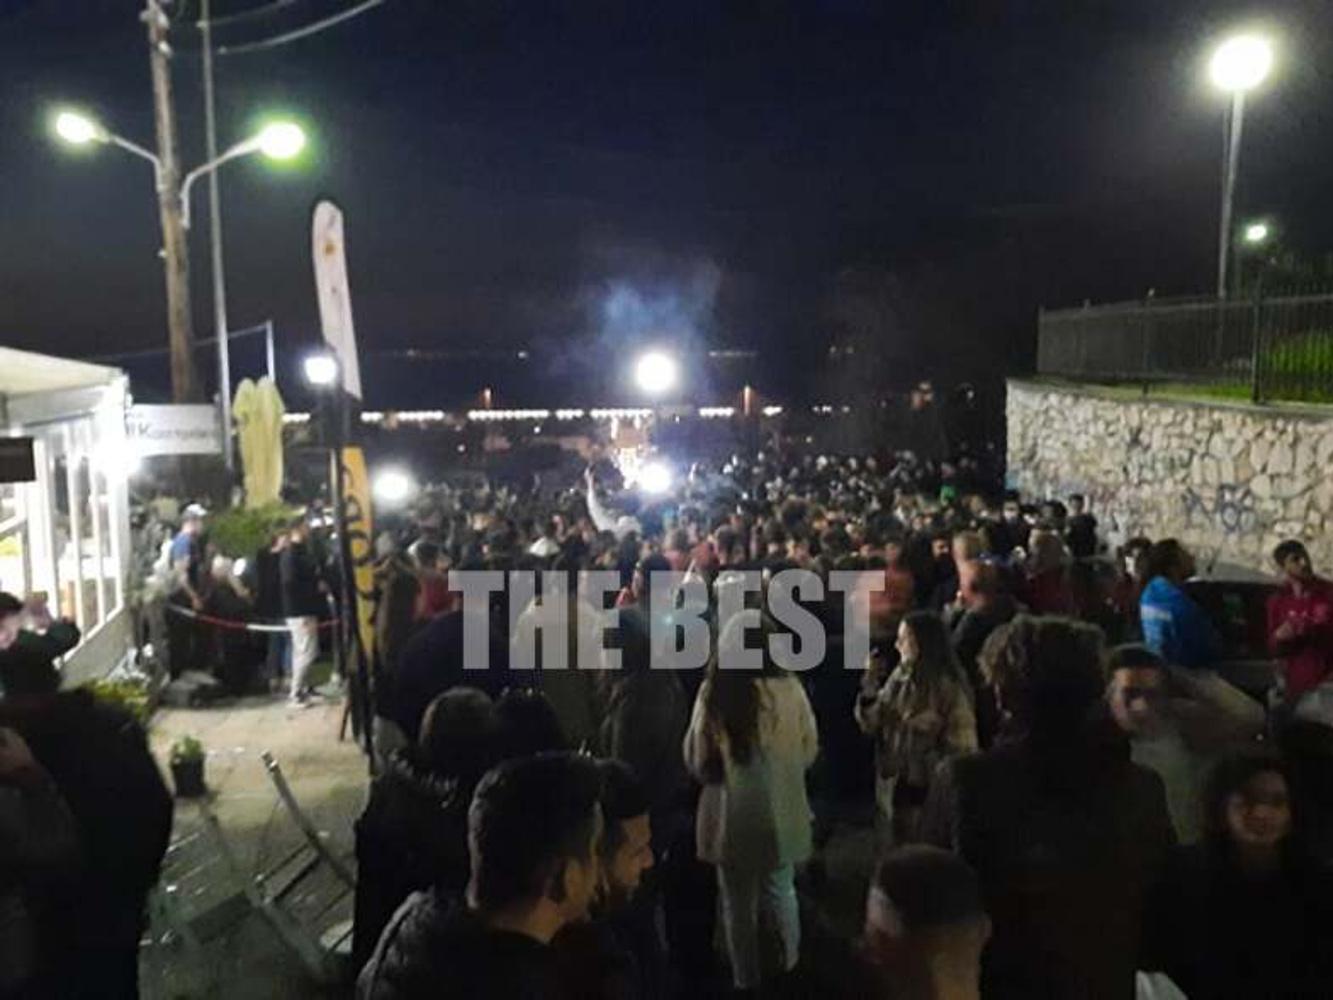 Πάτρα-TΩΡΑ- ΒΙΝΤΕΟ: Εικόνες σε Αγίου Νικολάου και Κάστρο που θυμίζουν τρελό πάρτι στο τέλος καρναβαλικής παρέλασης - Φωτογραφία 1